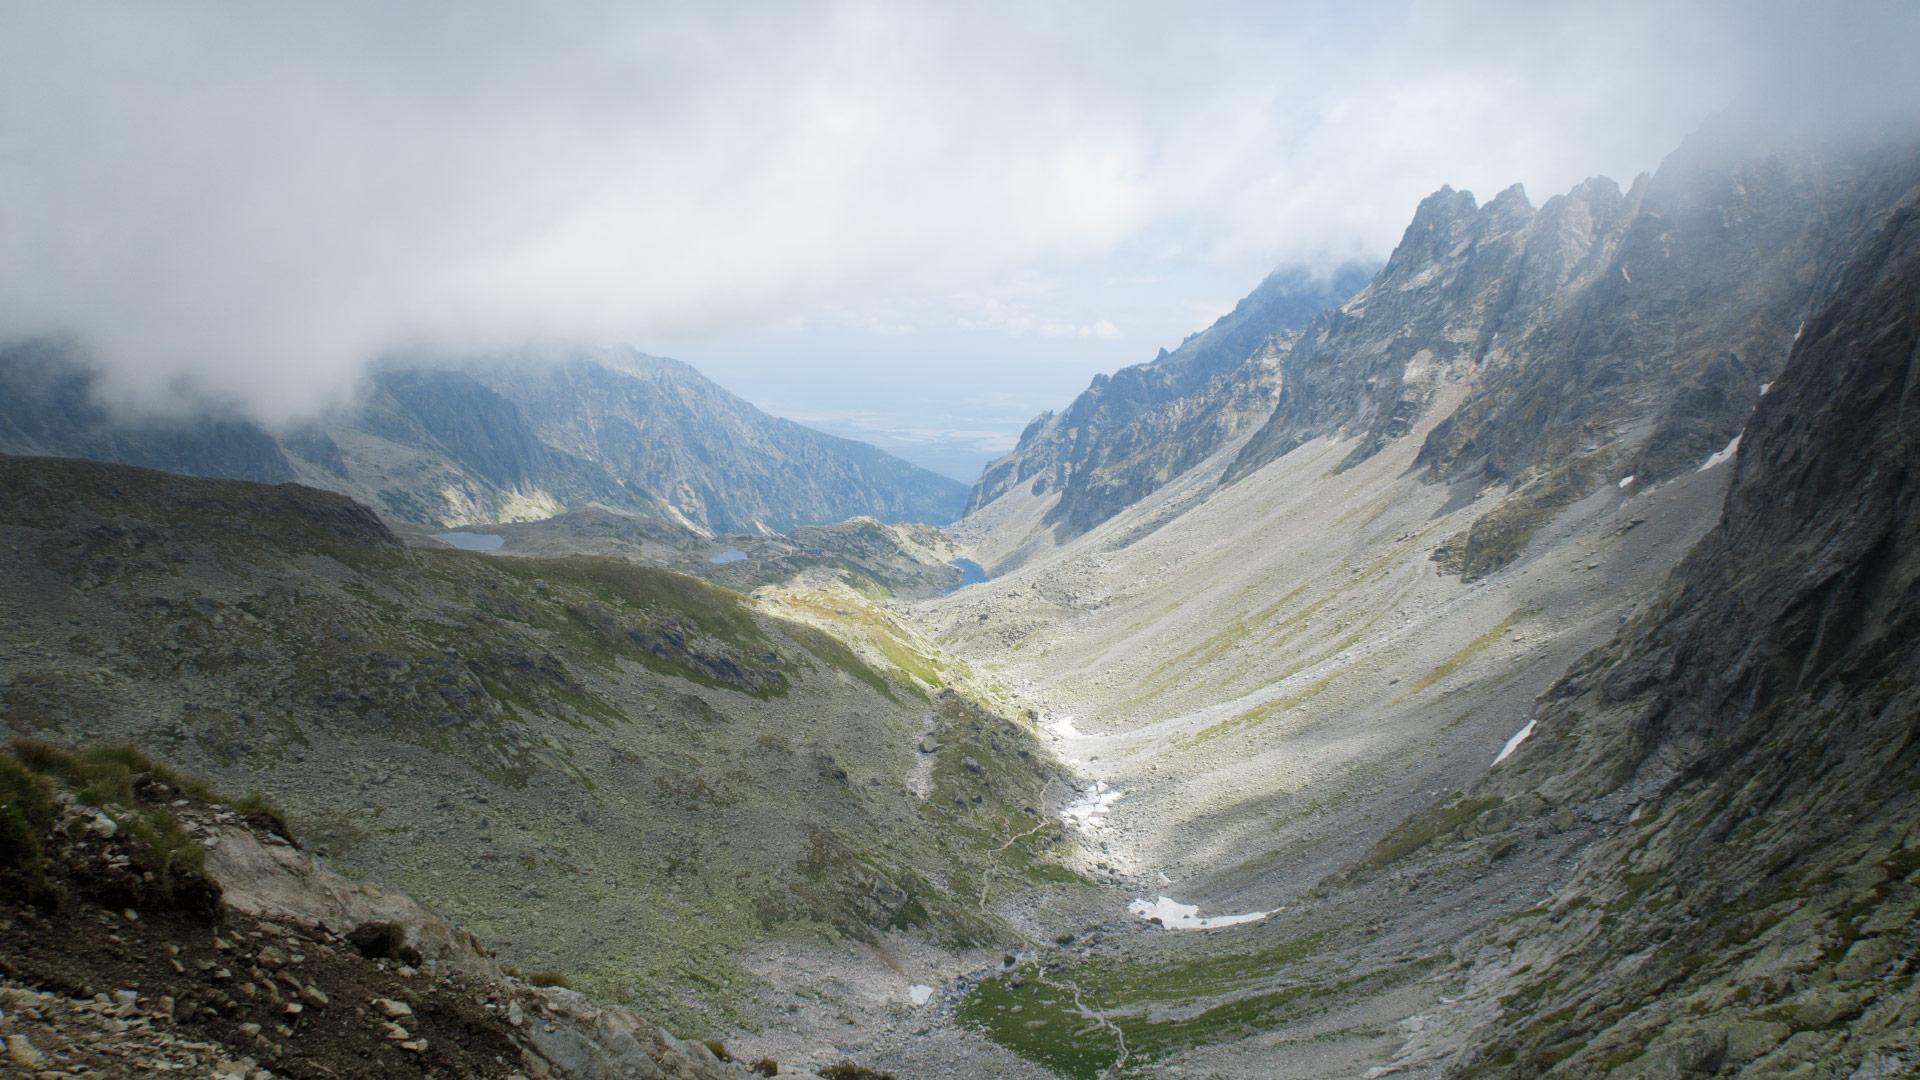 Výhled ze sedla Prielom do Velké Studené doliny